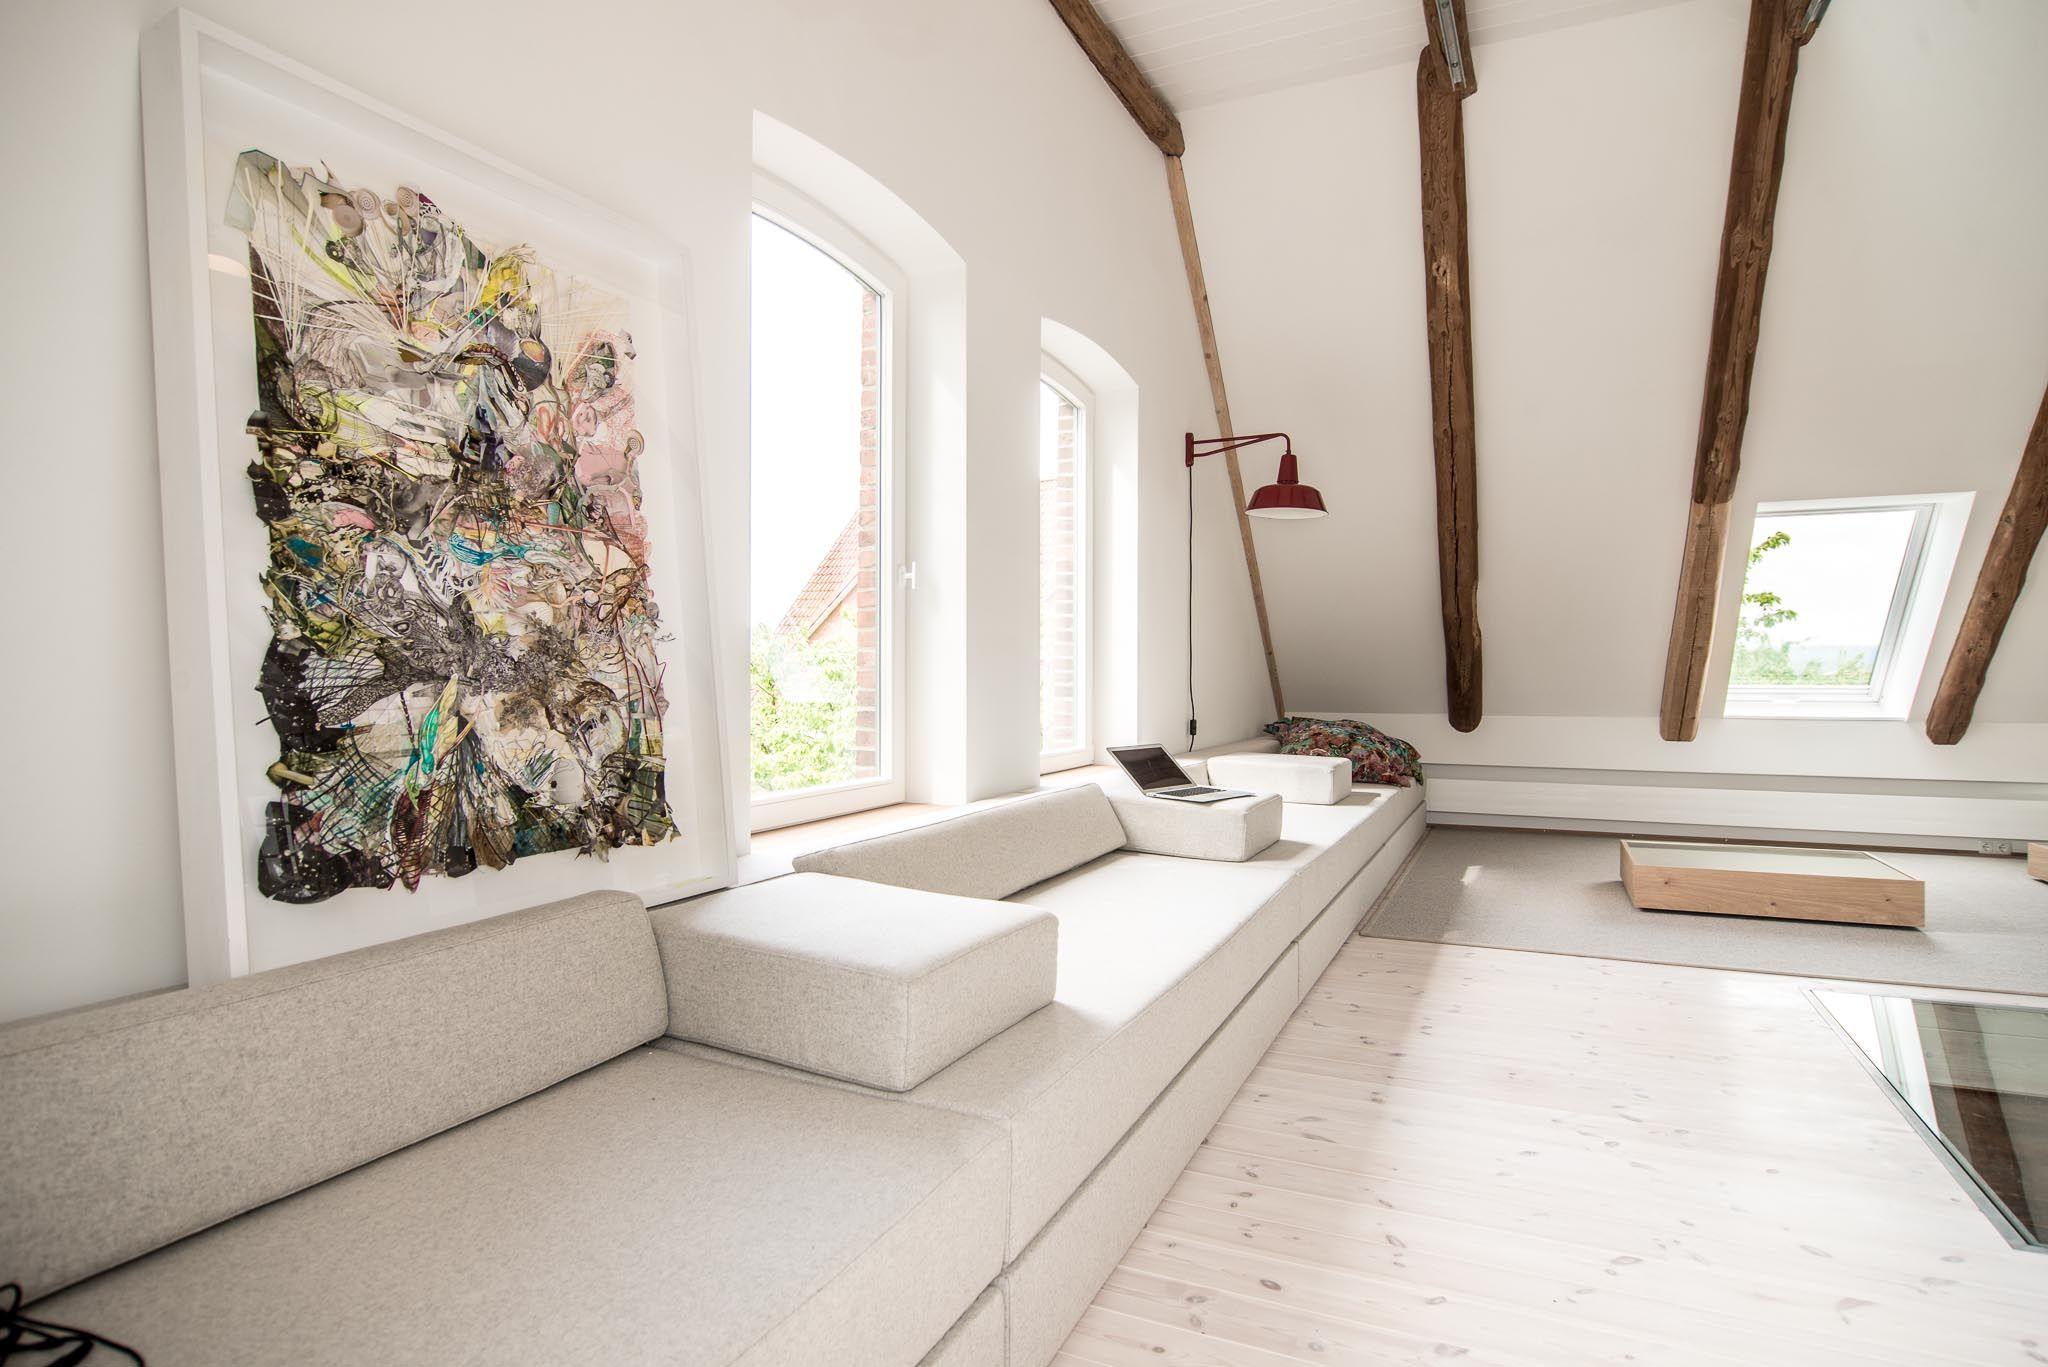 sofa kunst licht dachstuhl dachgeschoss holzbalken. Black Bedroom Furniture Sets. Home Design Ideas